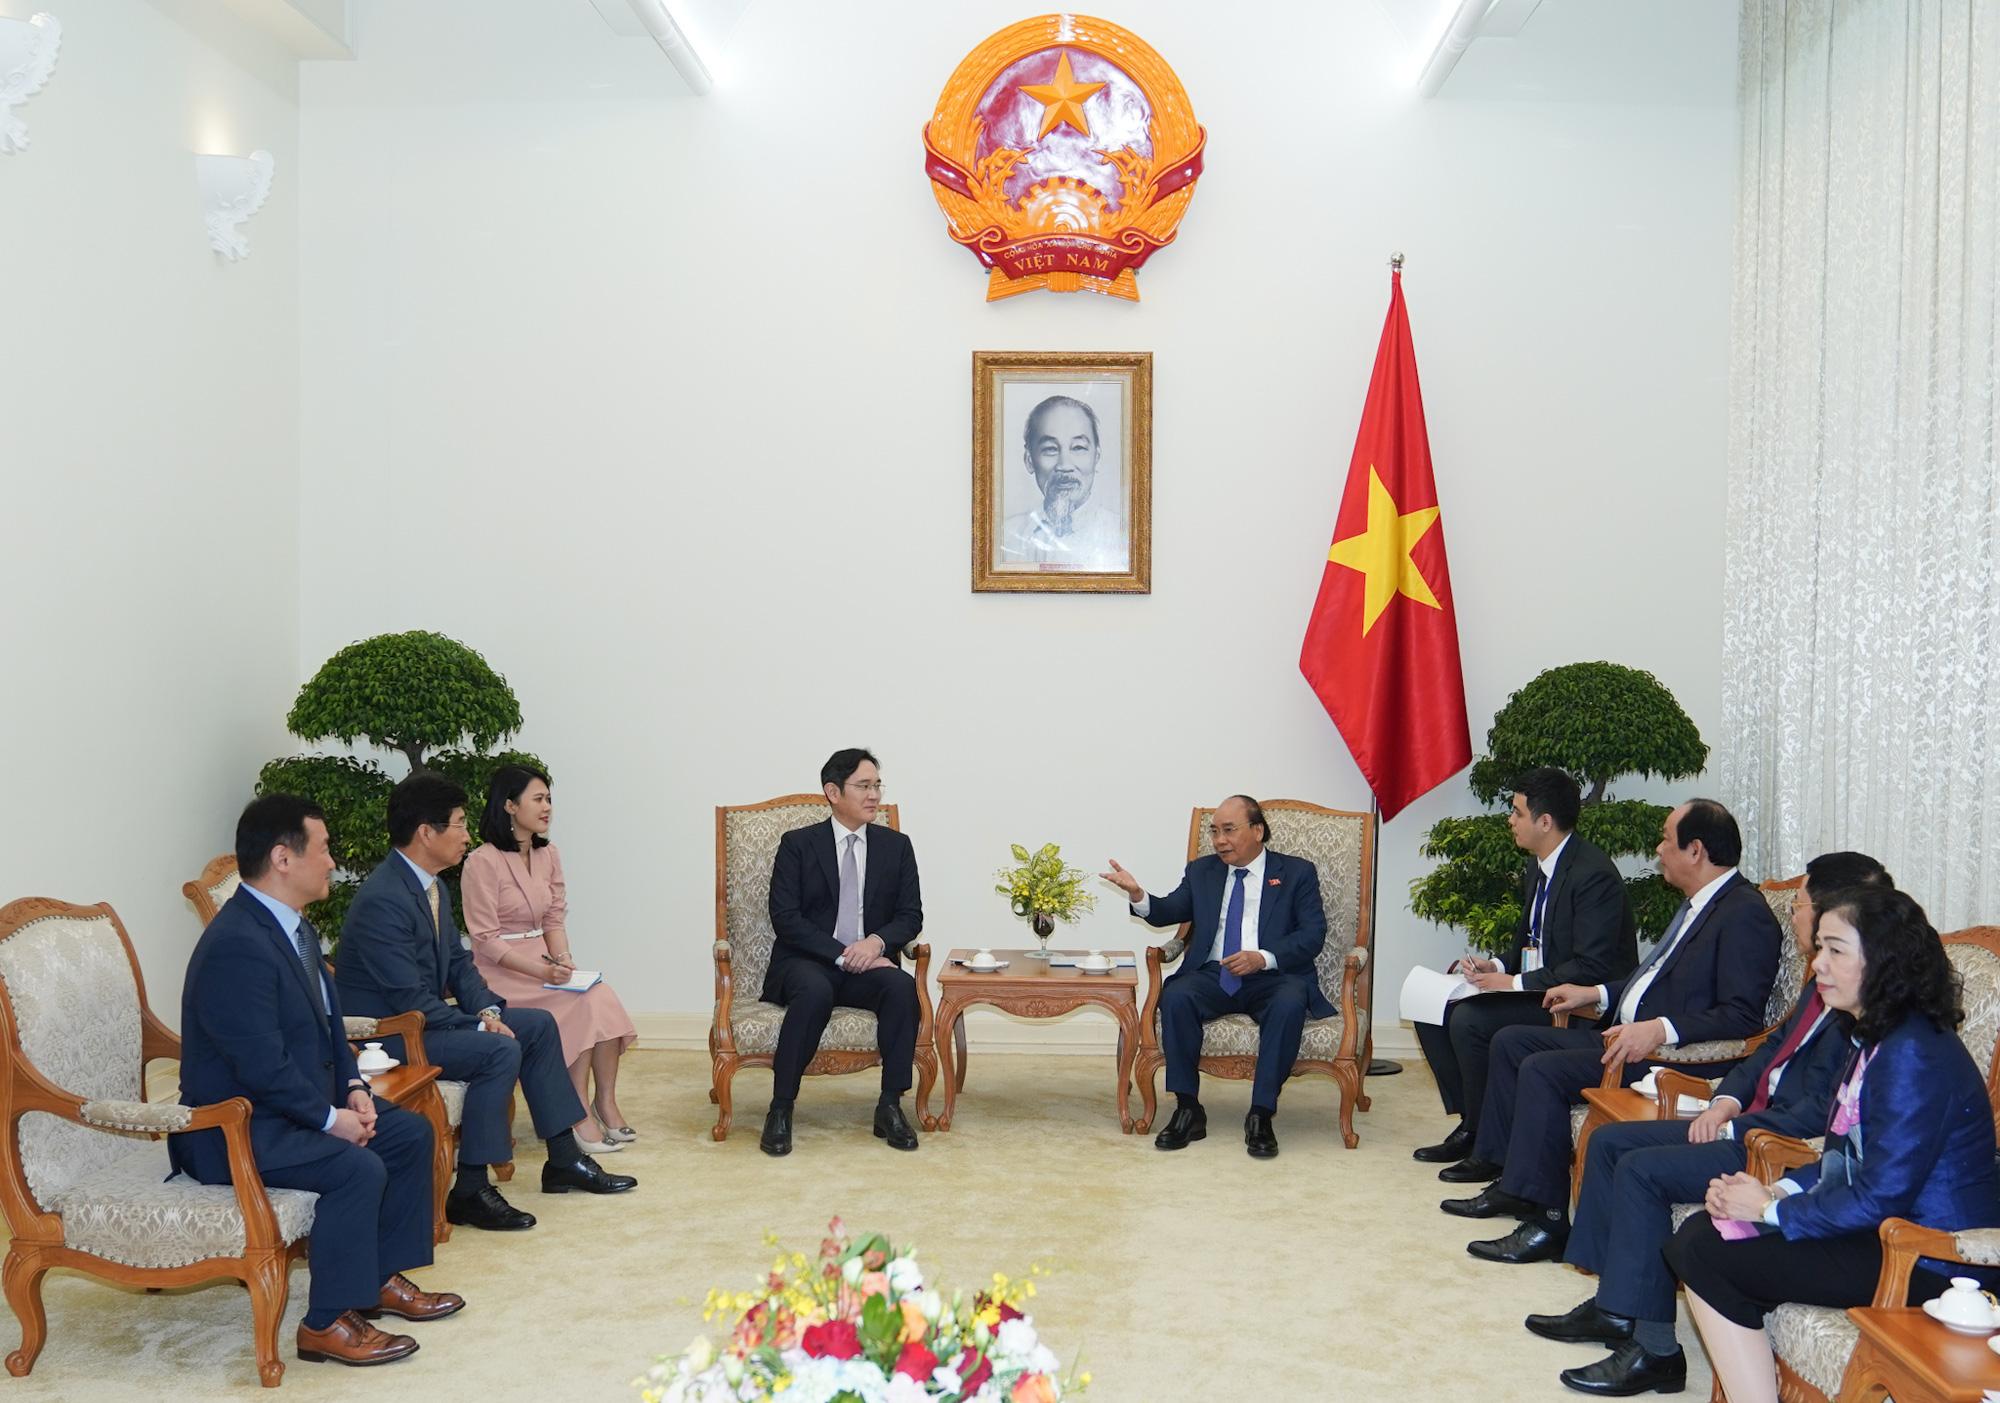 """Thái tử Samsung: """"Mỗi lần đến Việt Nam lại thấy có thêm các tòa nhà mới, con đường mới, các khách sạn tốt"""" - Ảnh 2."""